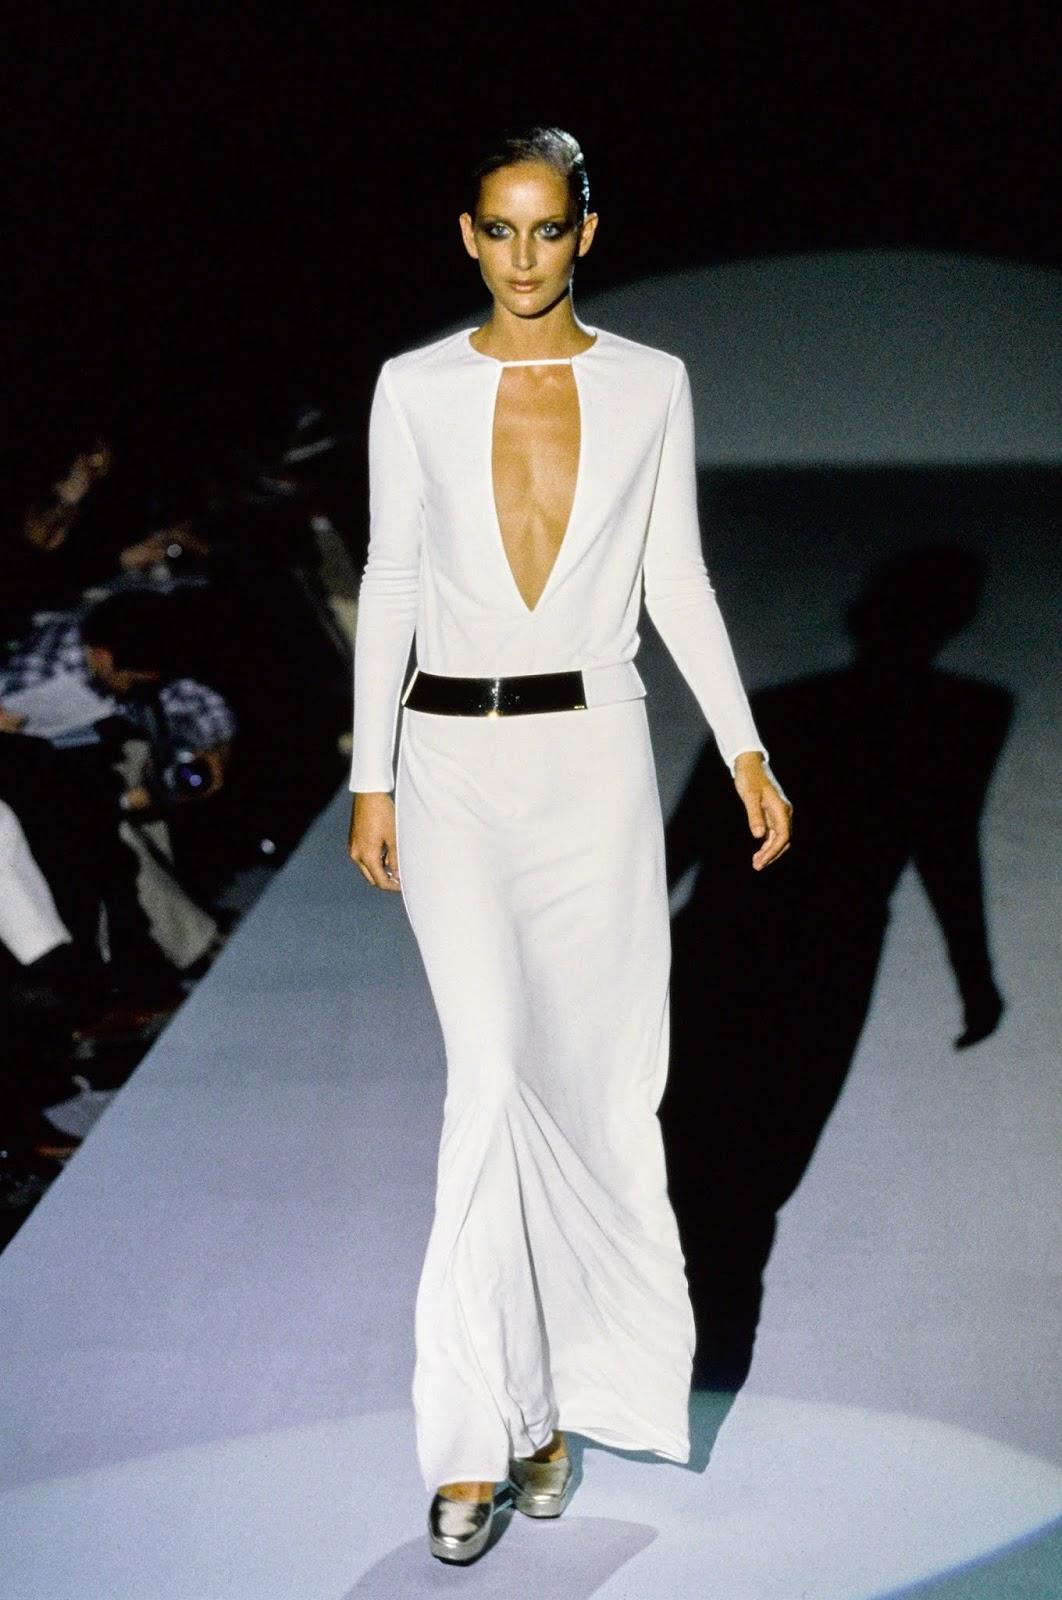 niwdenapolis: FASHION FLASHBACK - TOM FORD\'S GUCCI\'S WHITE DRESS ...